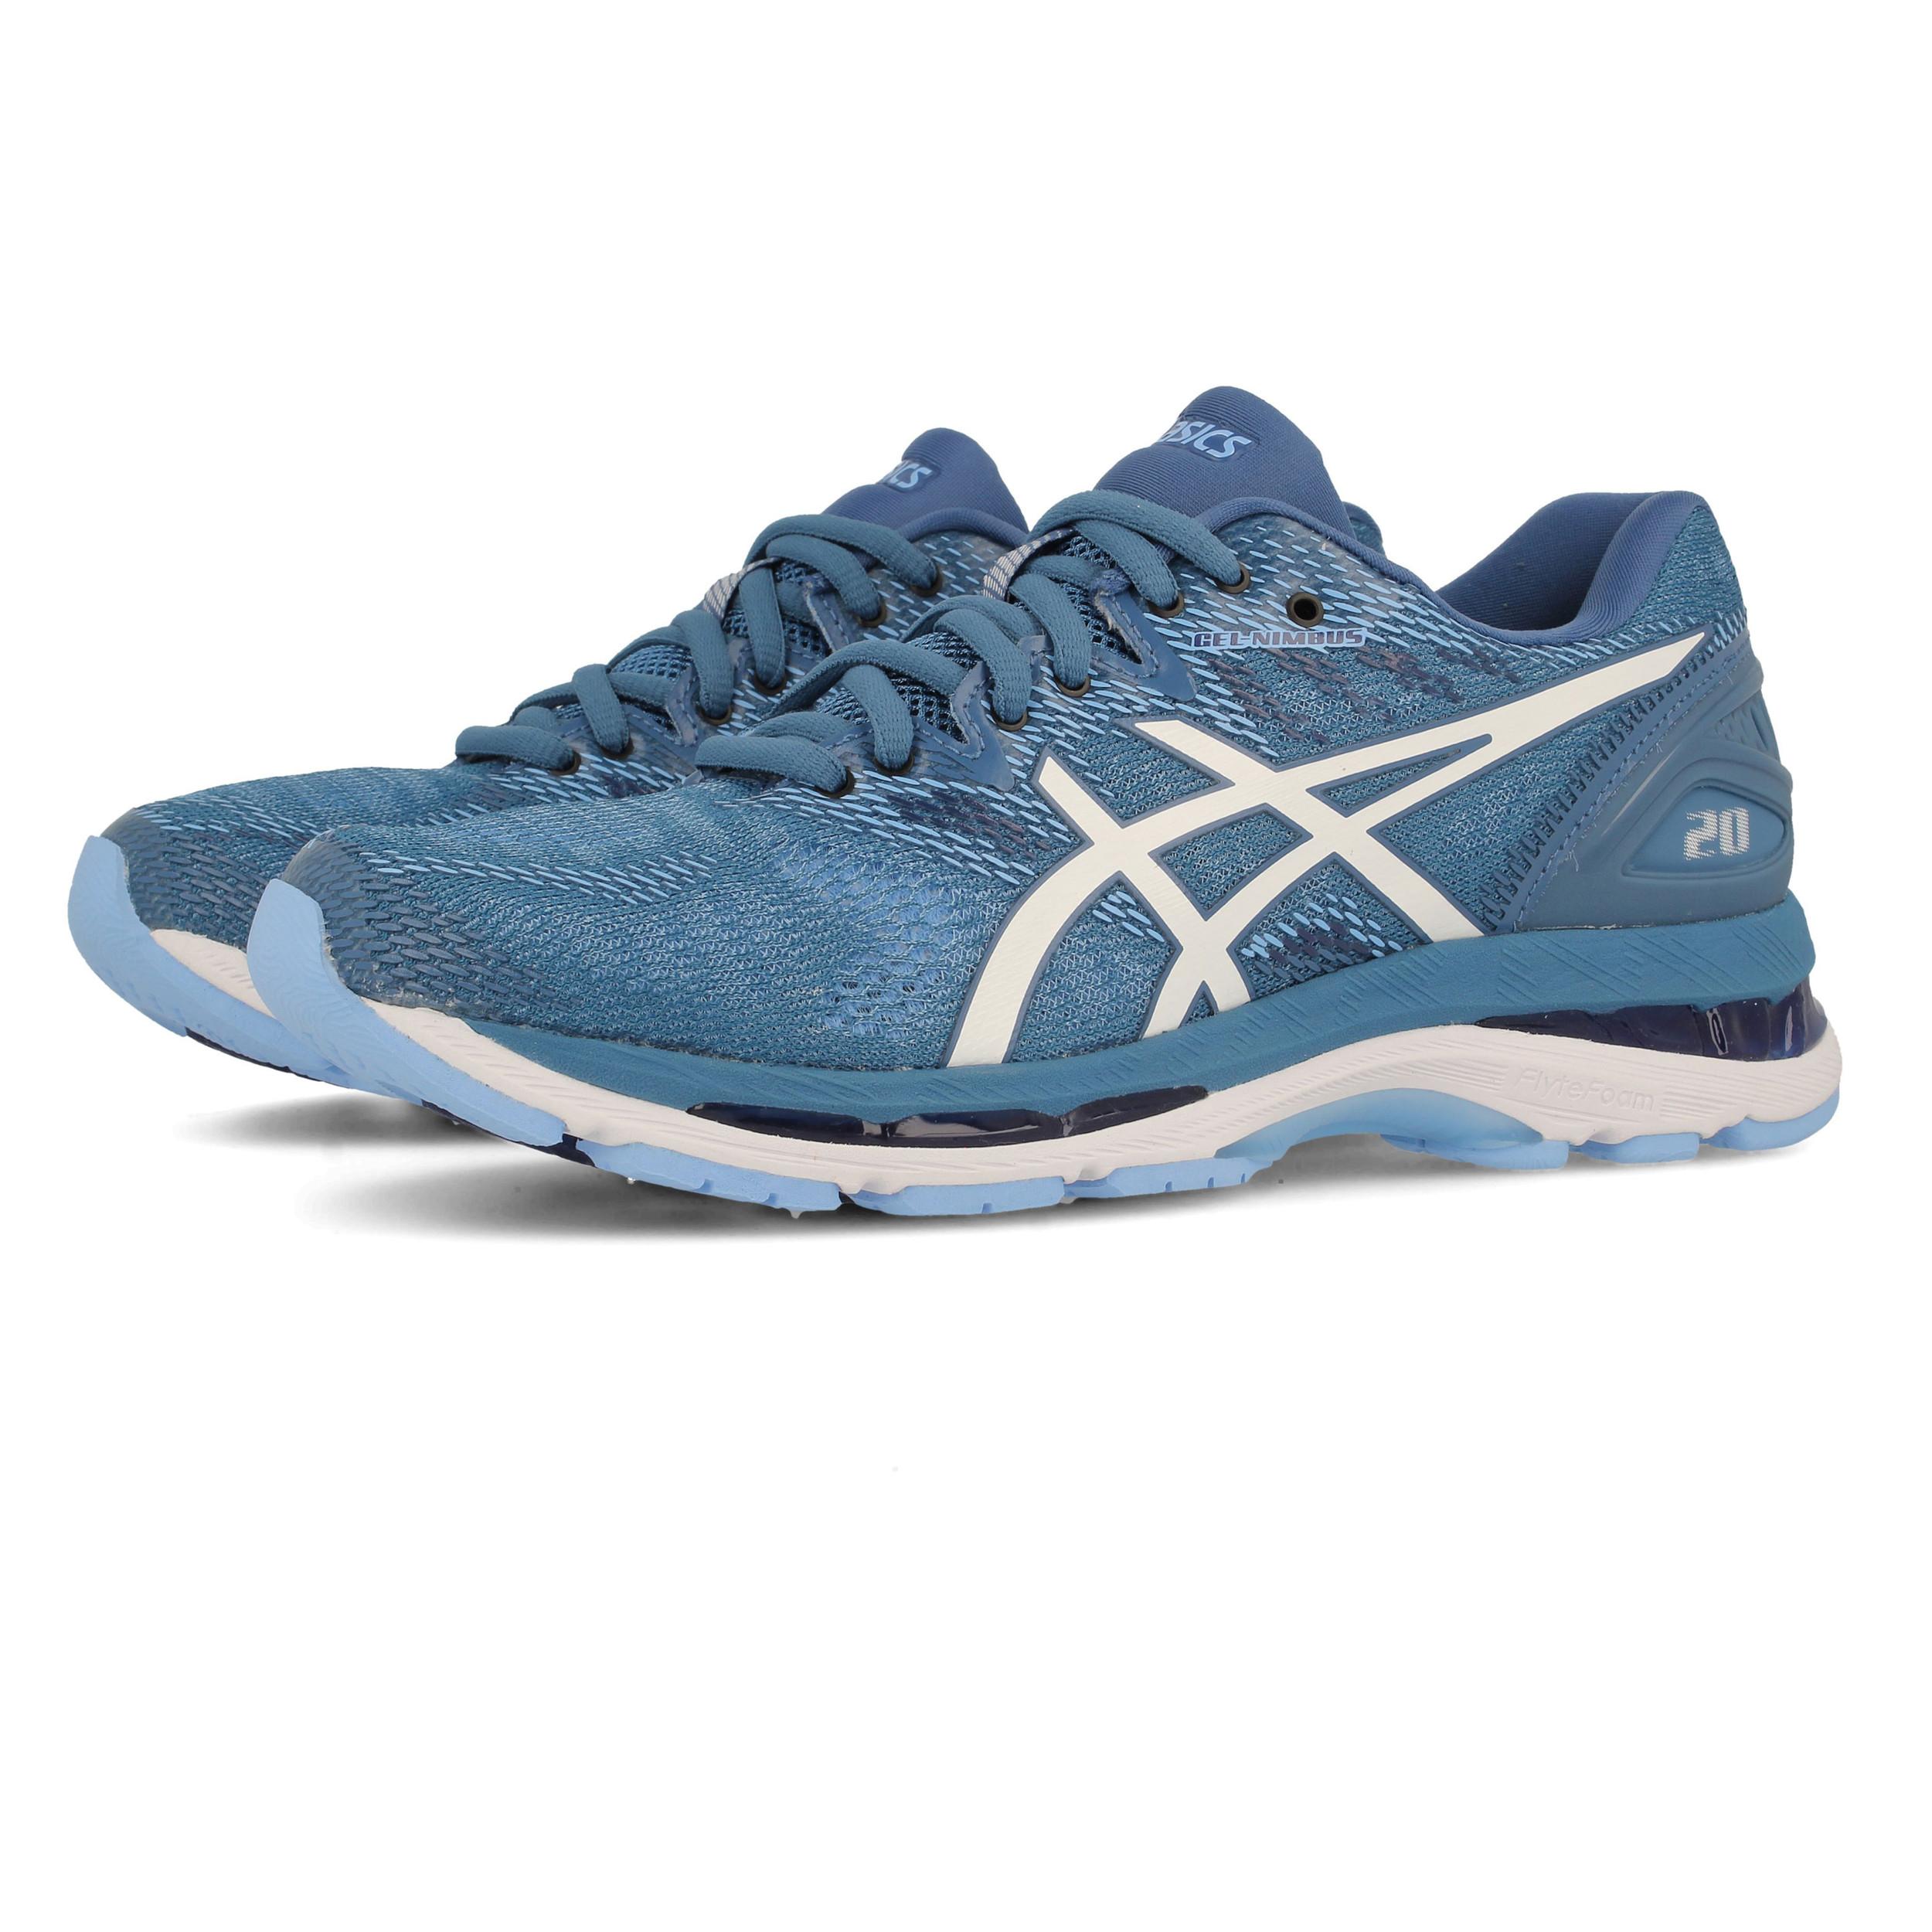 ASICS Donna Gel Nimbus 20 Scarpe da Ginnastica Corsa Sneakers Blu Sport ca74c6af611